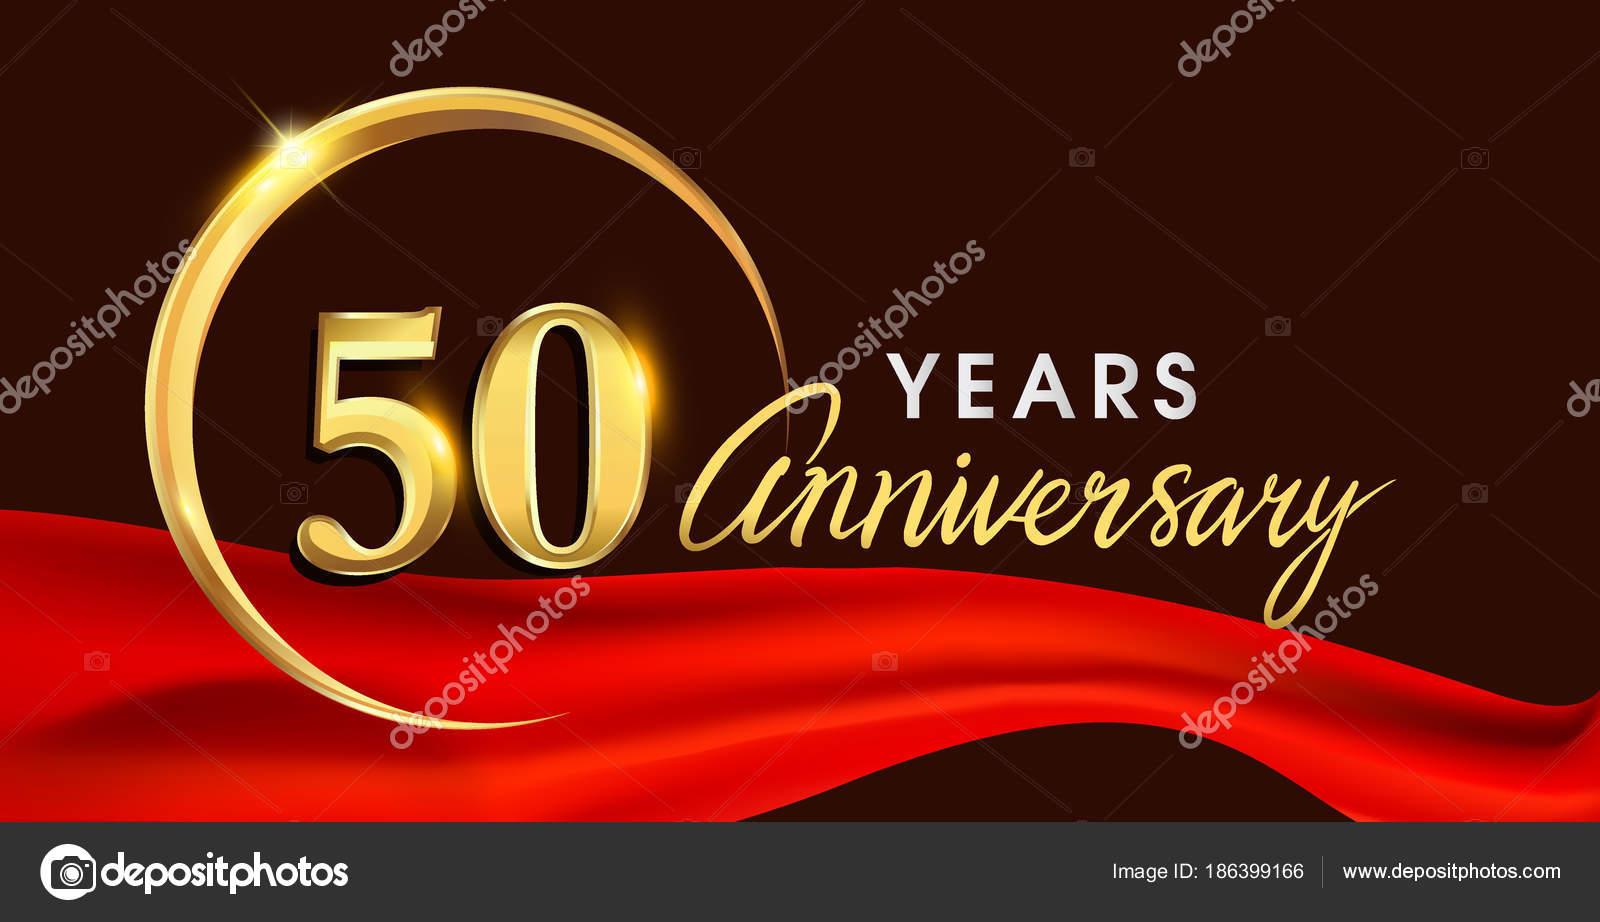 Imágenes Fondos Para 50 Años Logotipo Del Aniversario